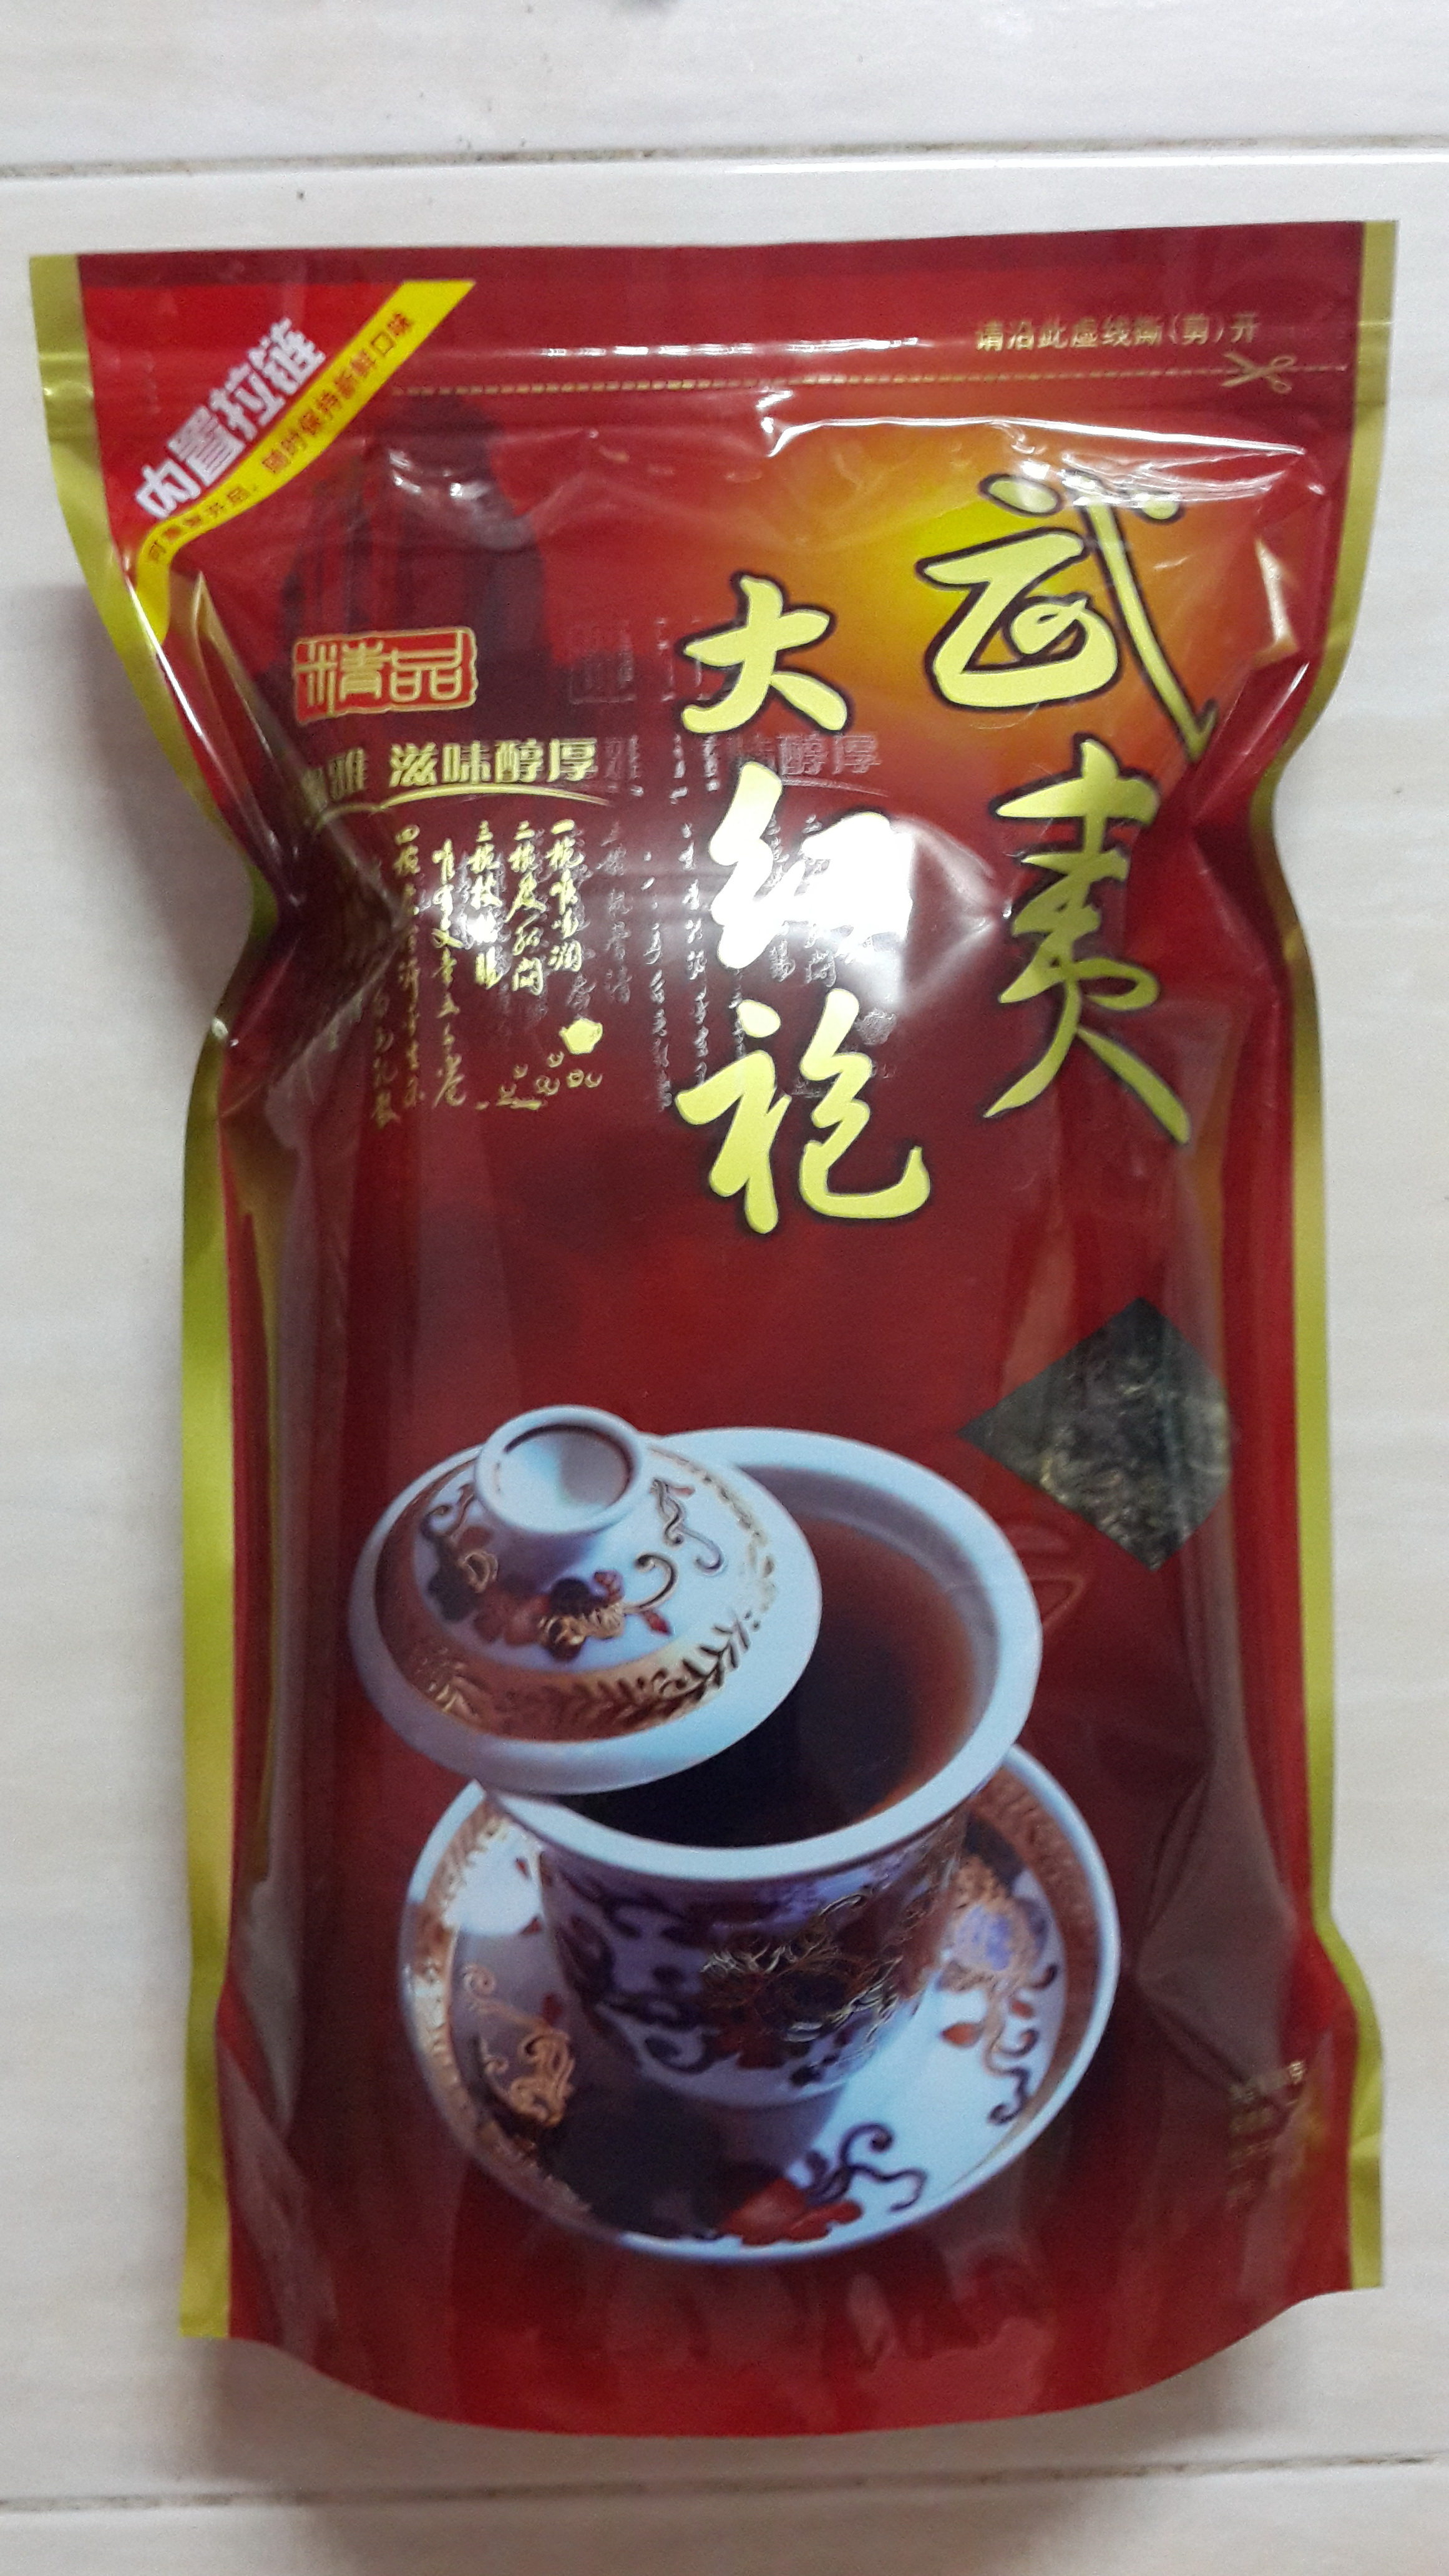 ชาอู่หลง ไต้หวันนางงาม AAAAA ชาอู่หลงชนิดพรีเมี่ยม ชนิดอย่างดีที่สุด น้ำหนัก 1 กิโลกรัม